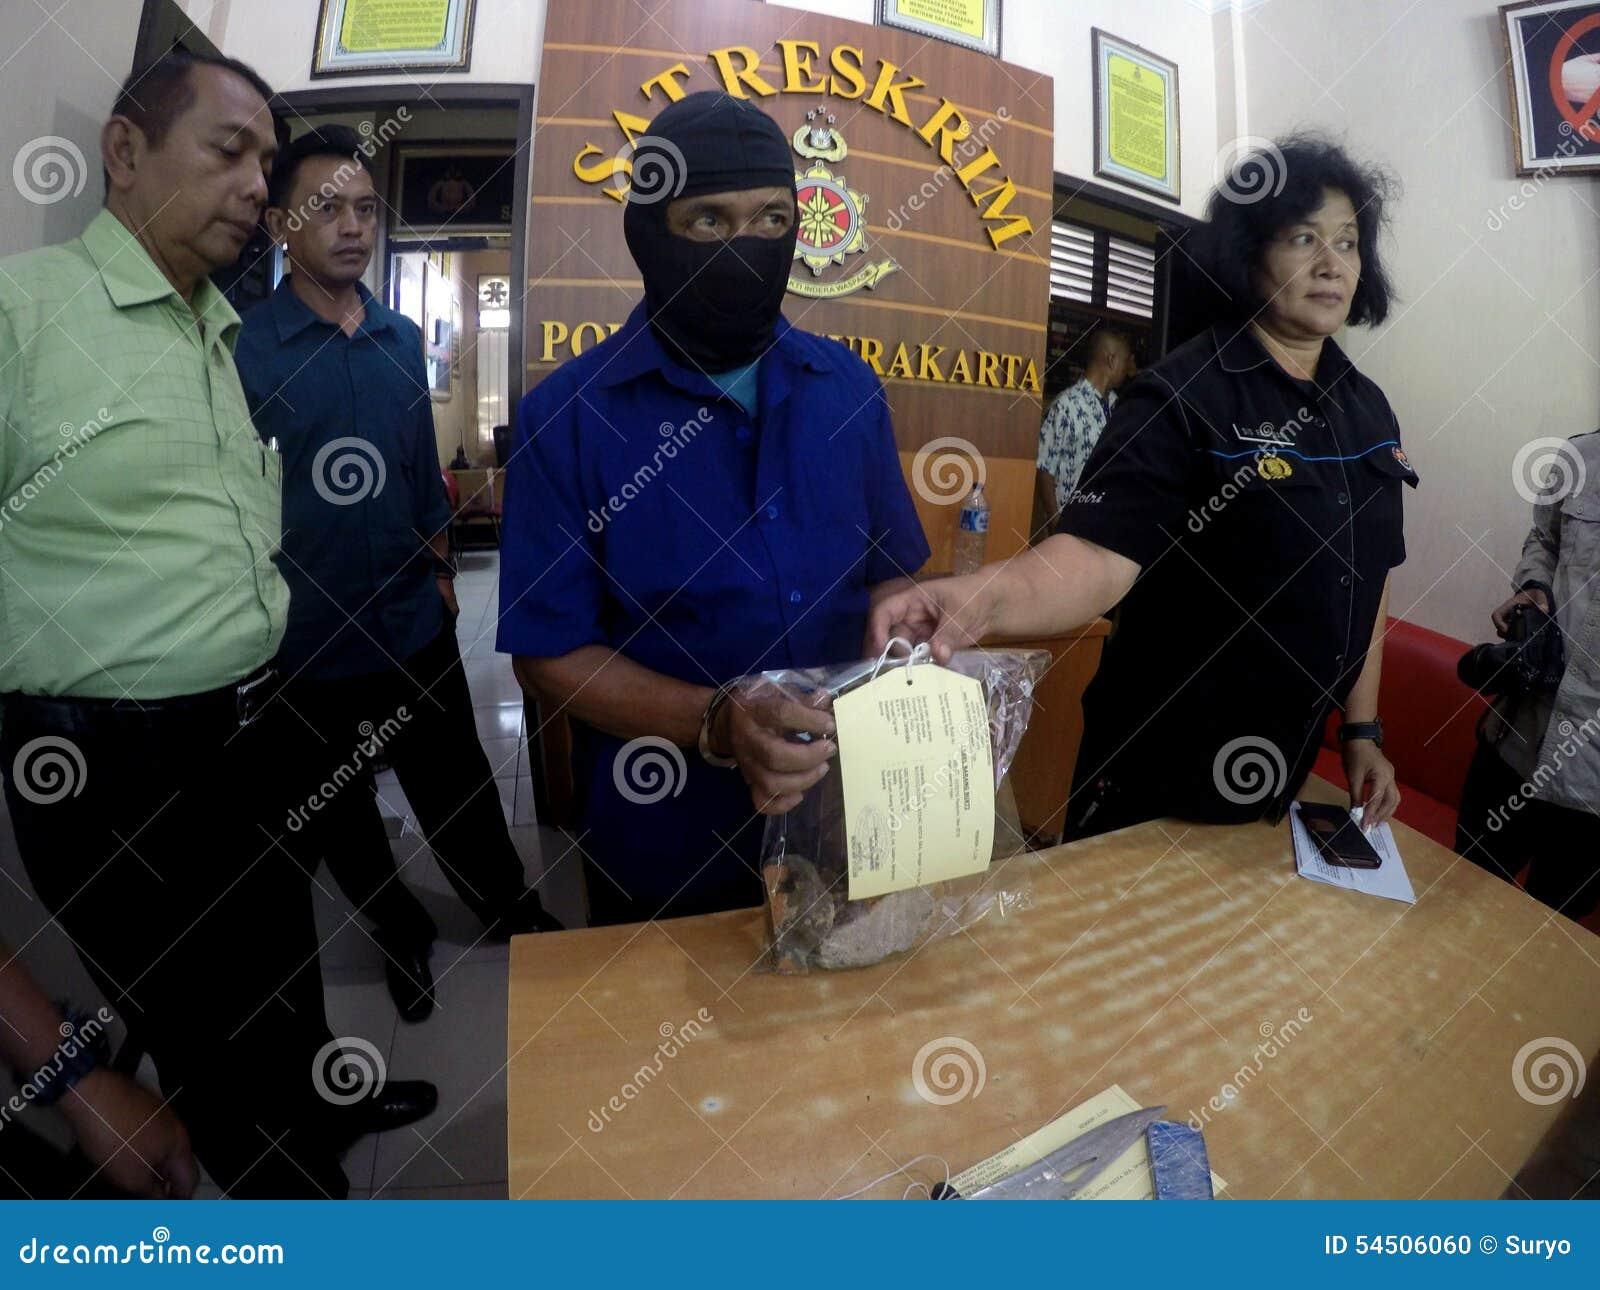 La police a arrêté le tueur